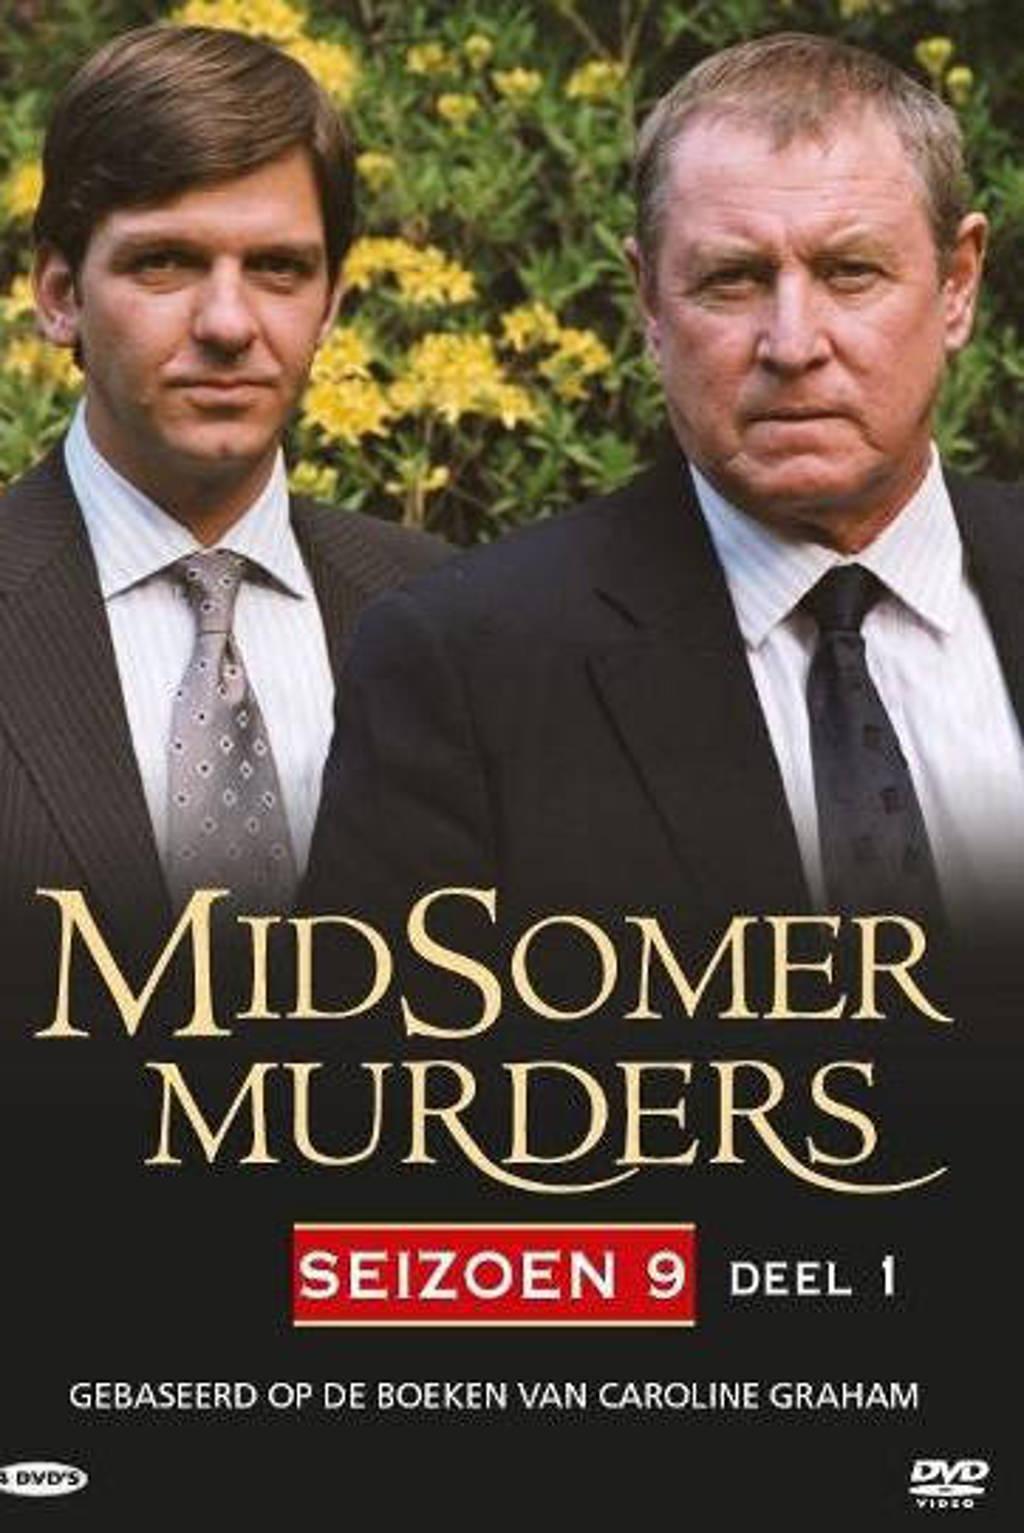 Midsomer murders - Seizoen 9 deel 1 (DVD)